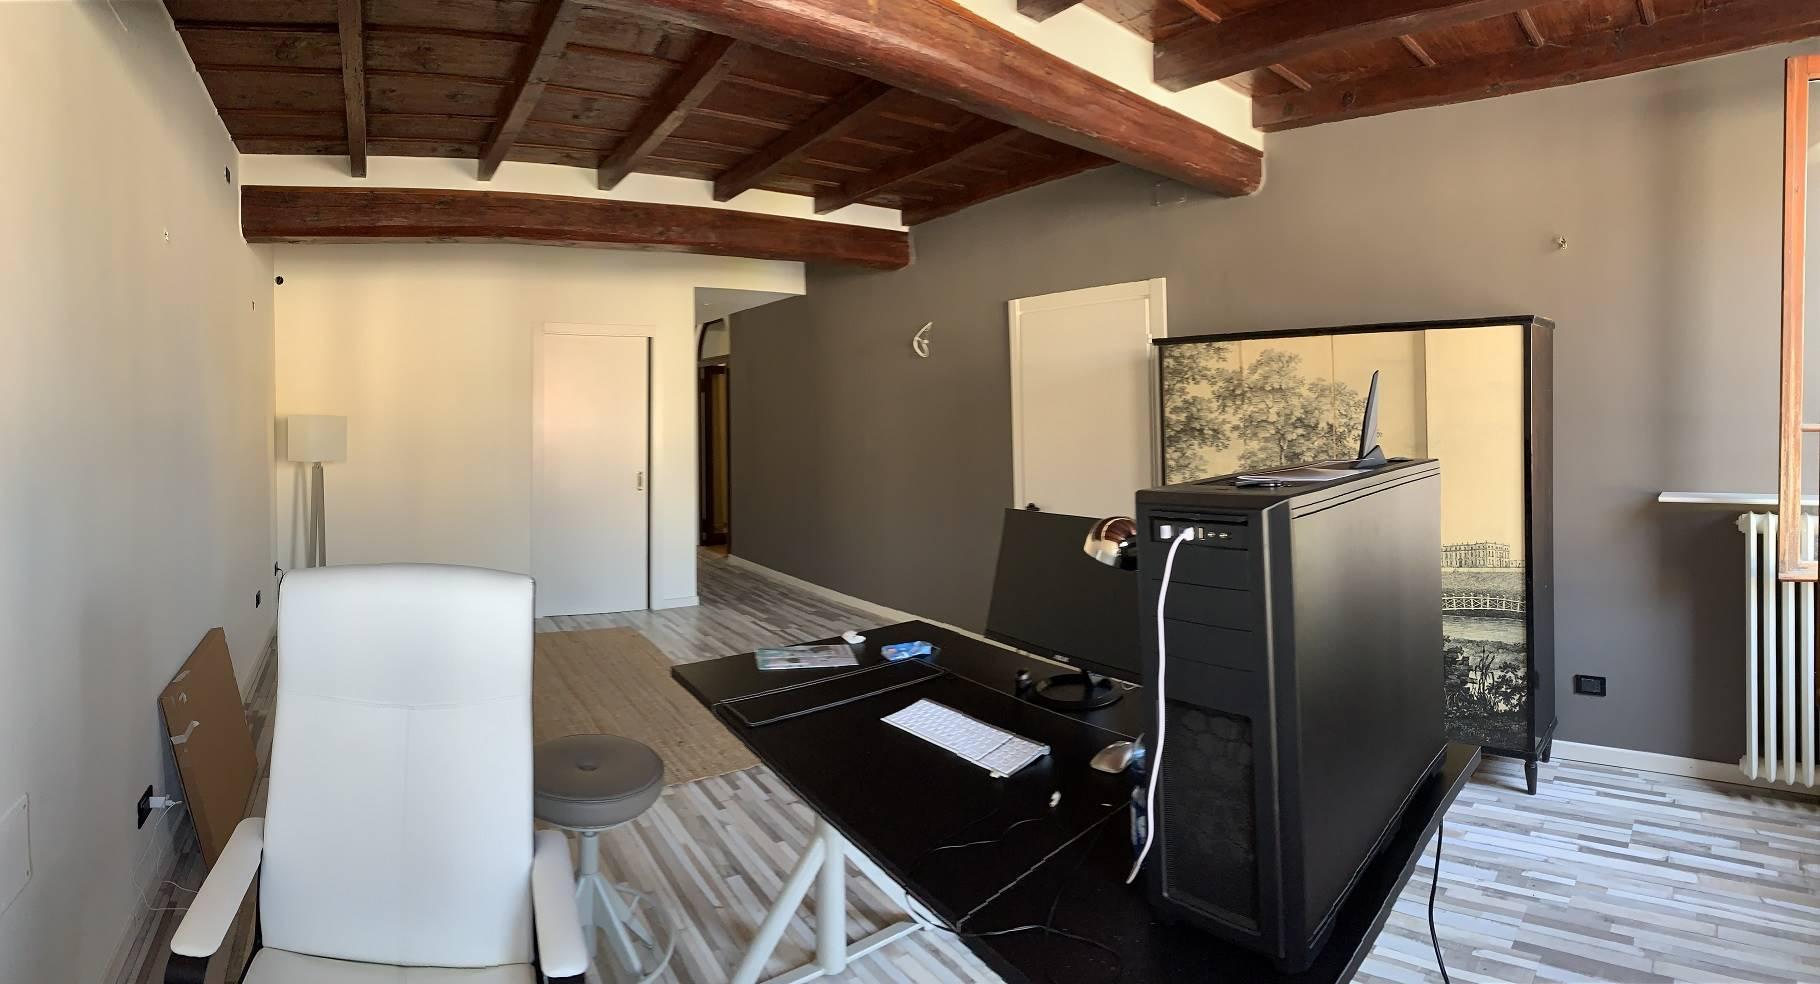 Negozio / Locale in vendita a Castel d'Ario, 2 locali, zona ro Urbano, prezzo € 68.000 | PortaleAgenzieImmobiliari.it